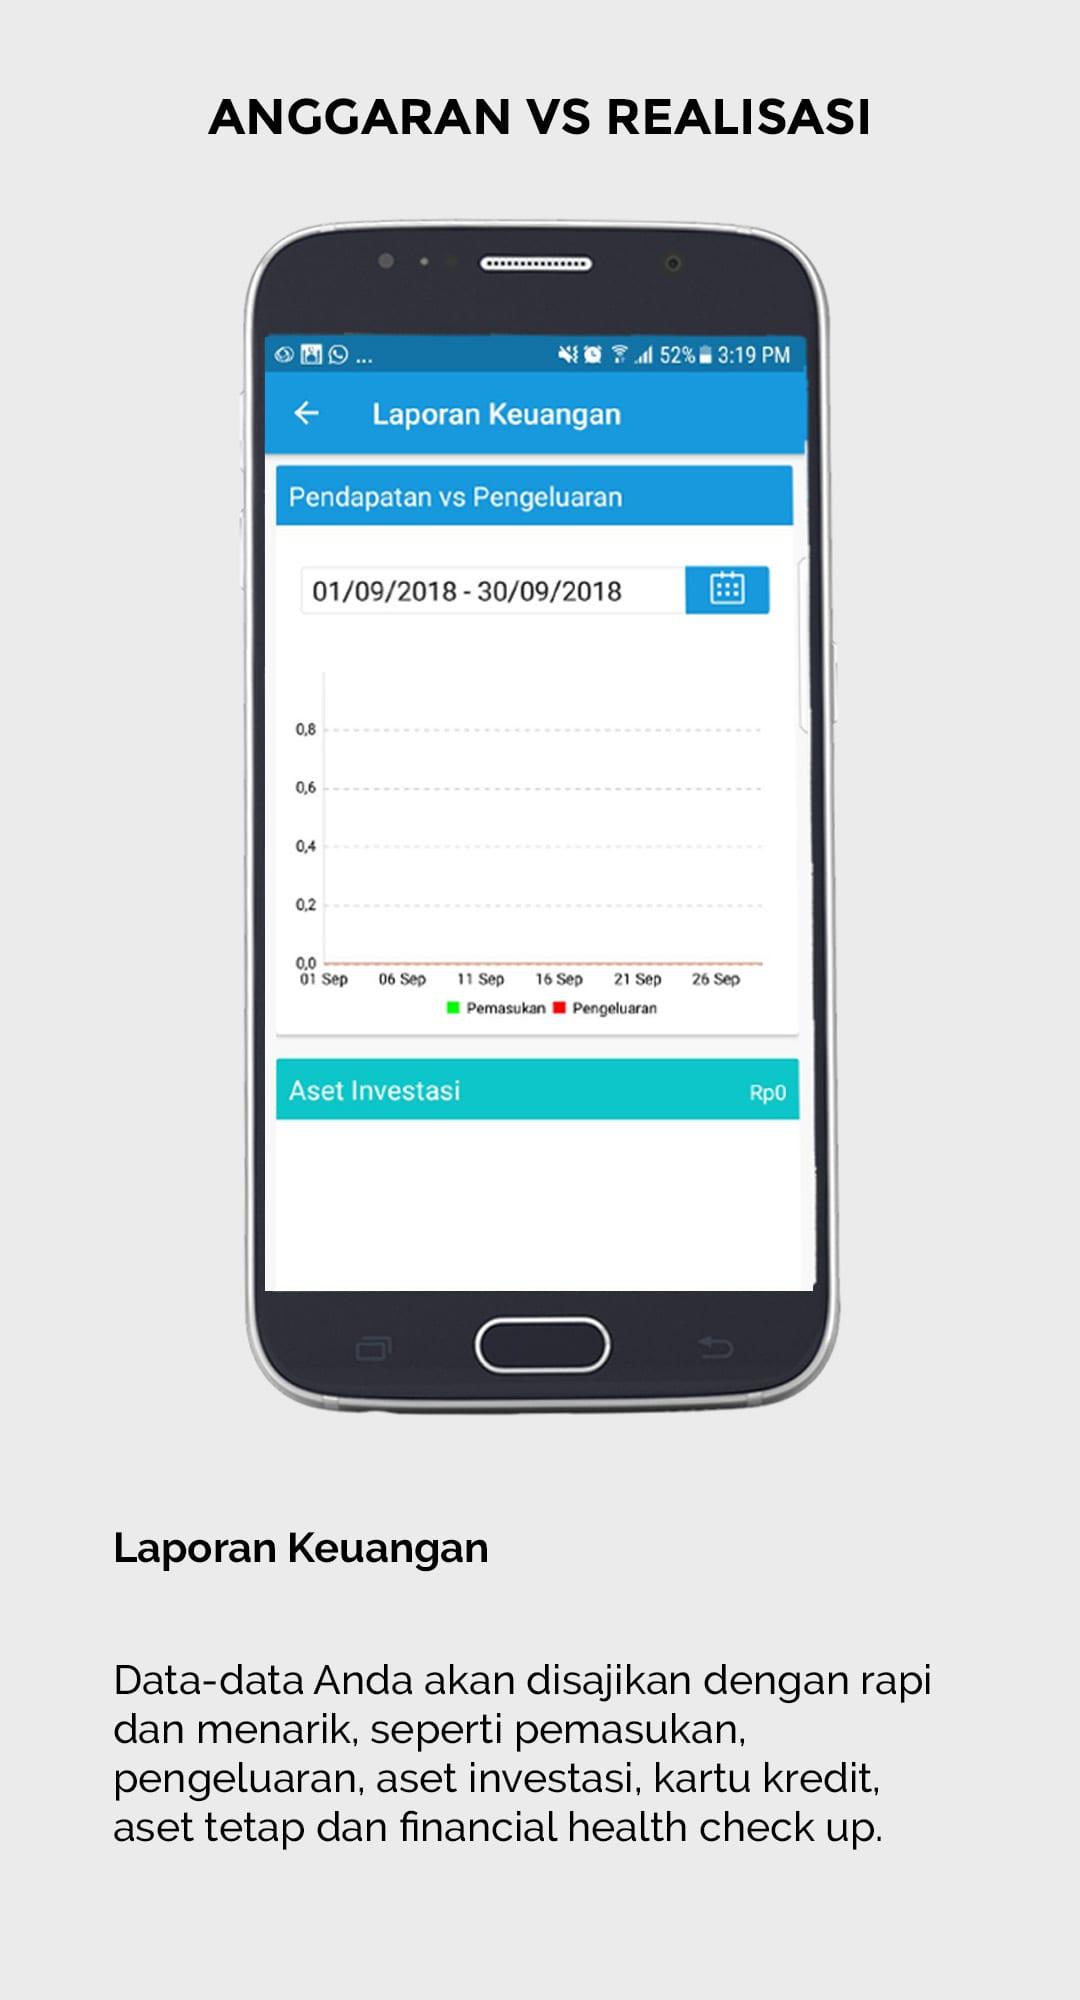 Aplikasi Finansialku - Anggaran vs Realisasi - Catatan Keuangan Harian